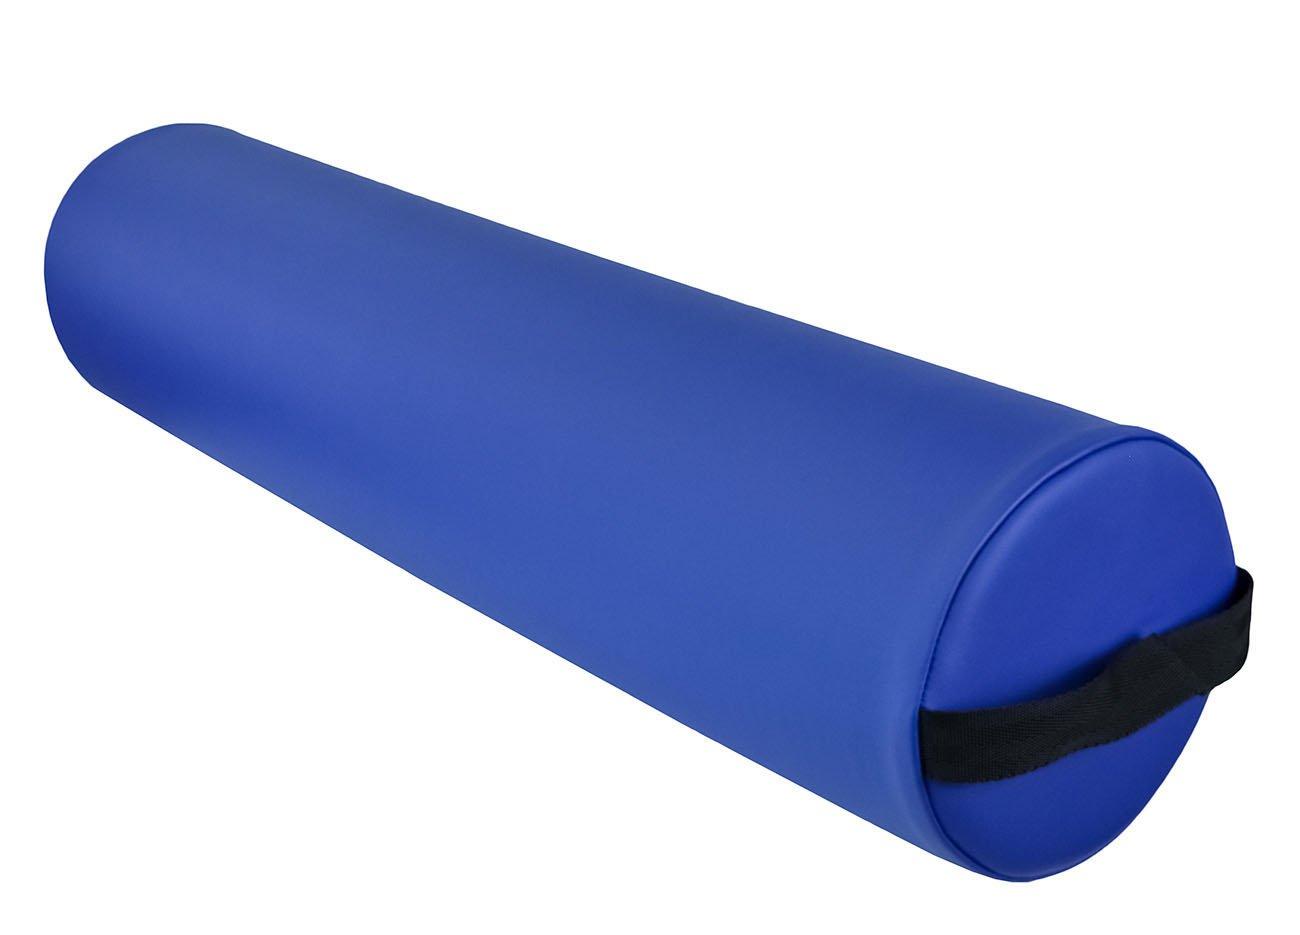 DevLon NorthWest Massage Full Round Bolster Pillow Spa Cushion Strap Handle Blue by DevLon NorthWest